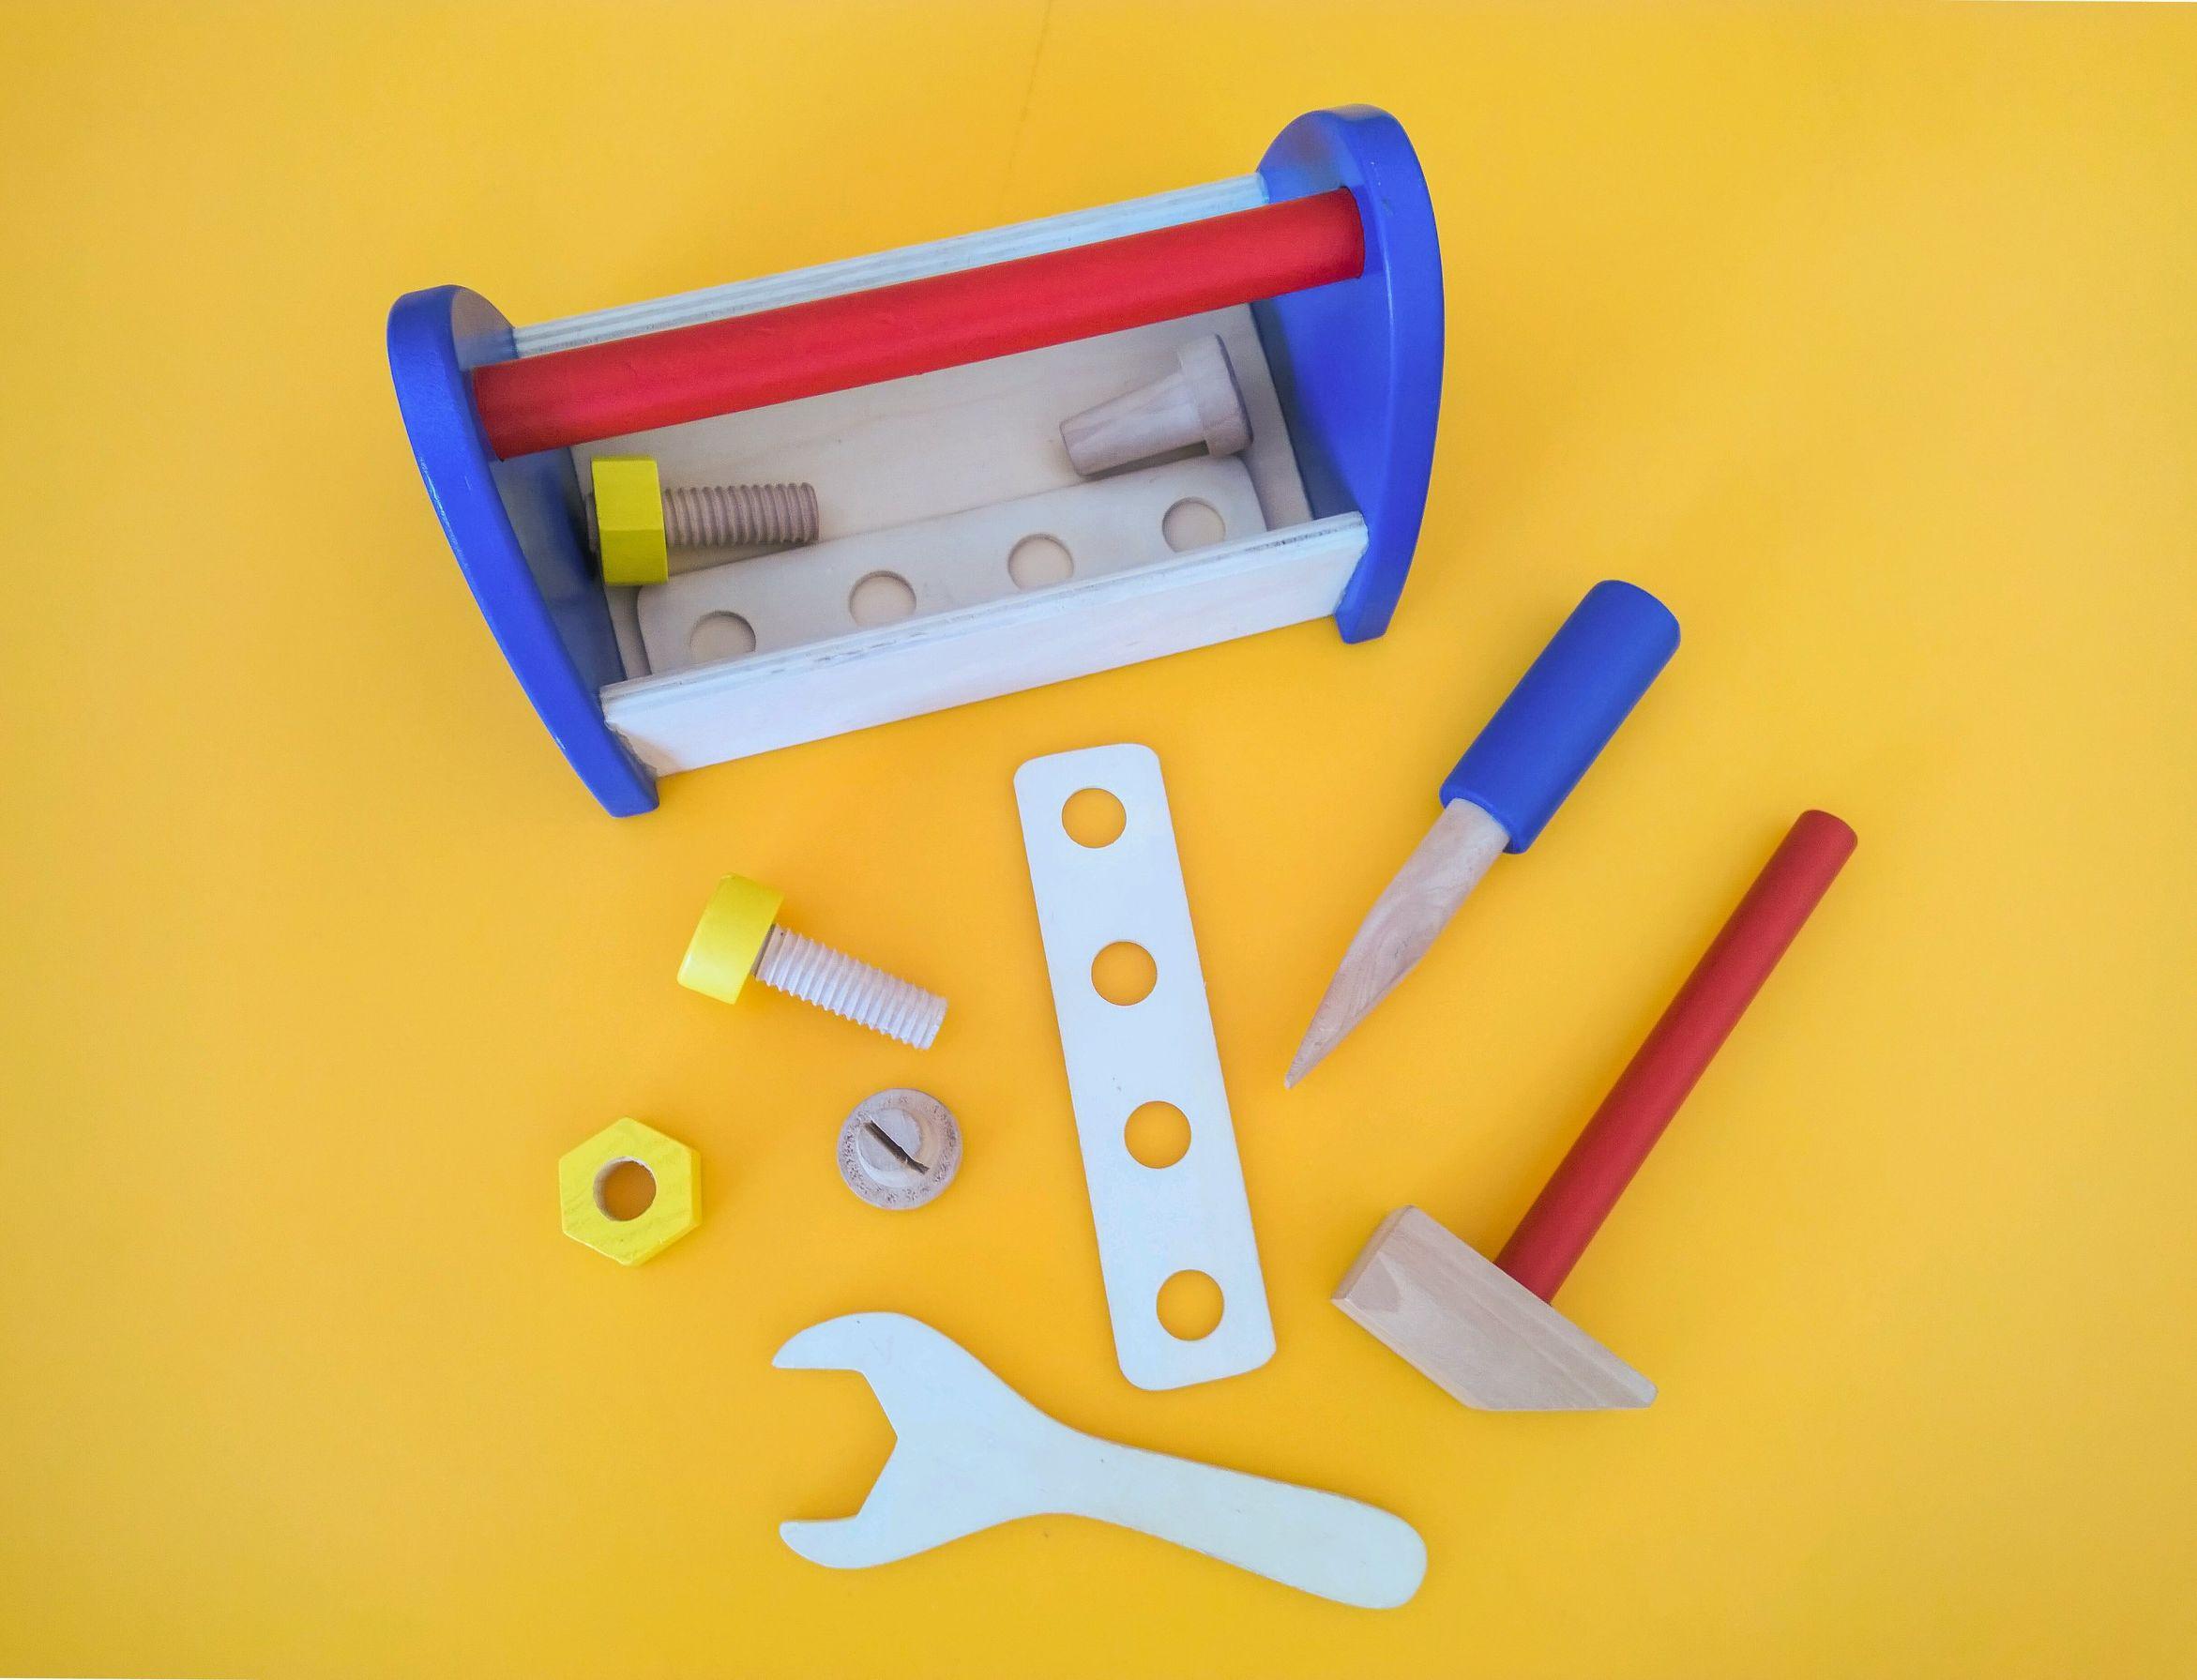 Bosch Kinderwerkbank: Test & Empfehlungen (01/21)